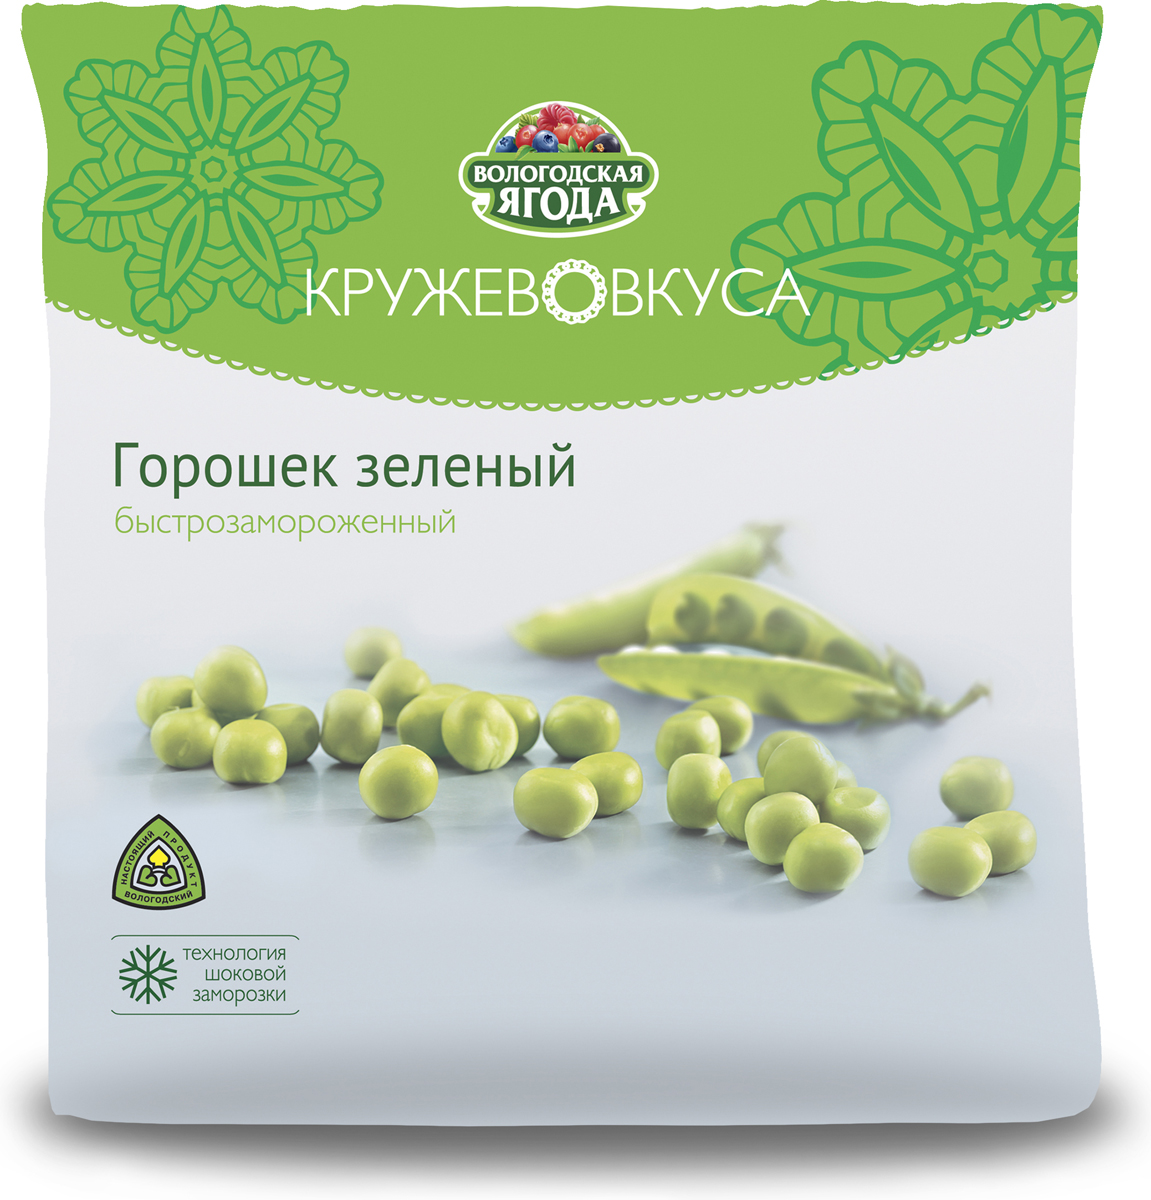 Кружево Вкуса Горошек зеленый, 400 г пудовъ мука гороховая 400 г